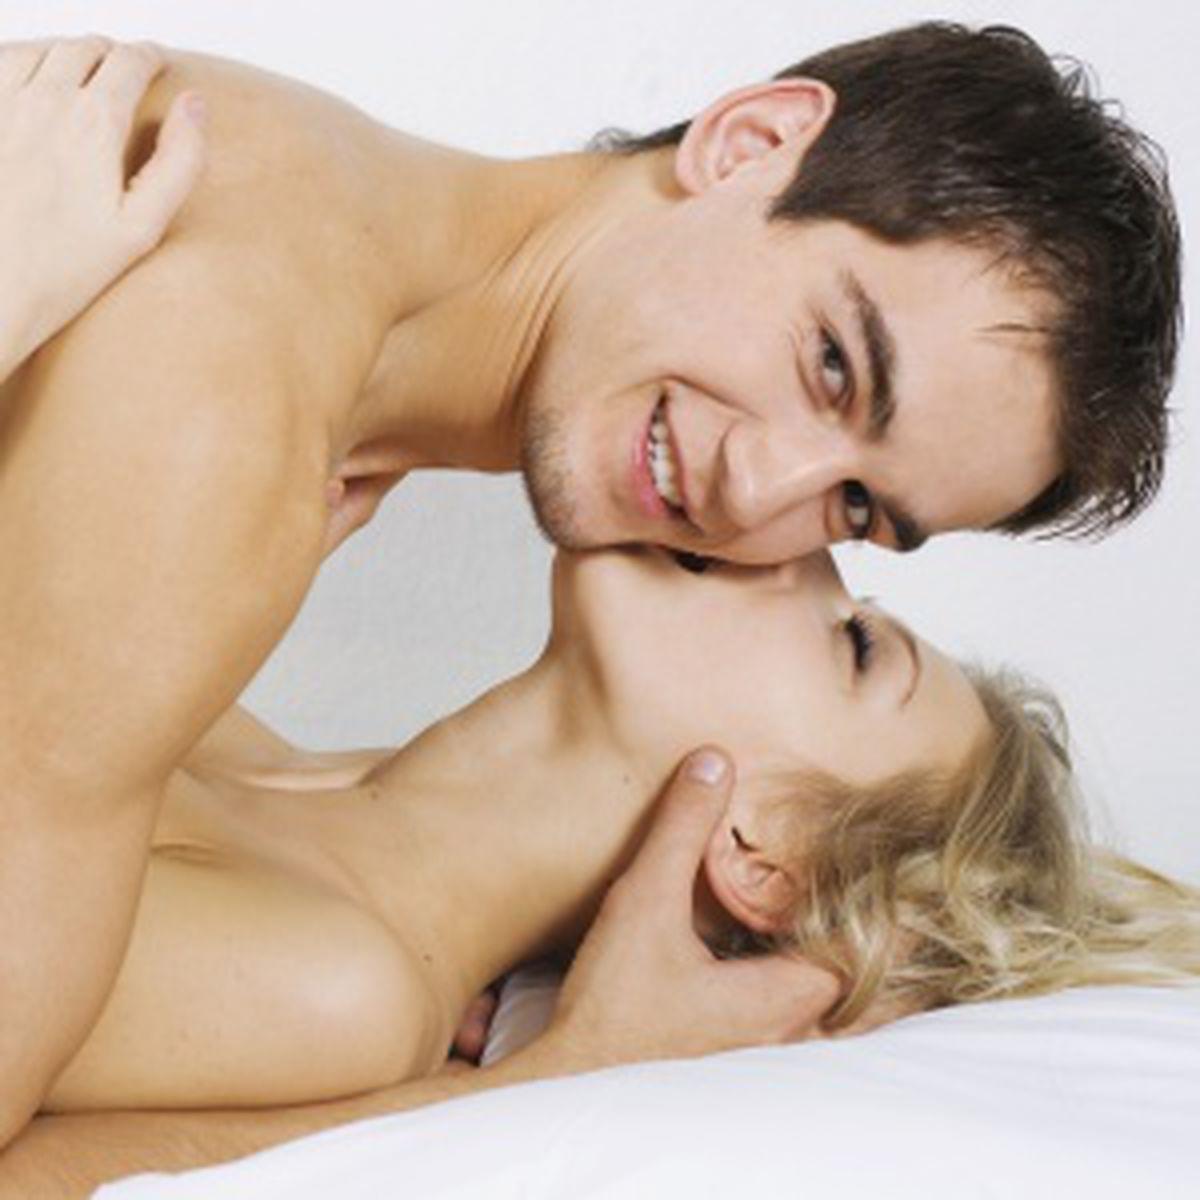 penisul stă doar pe soție)